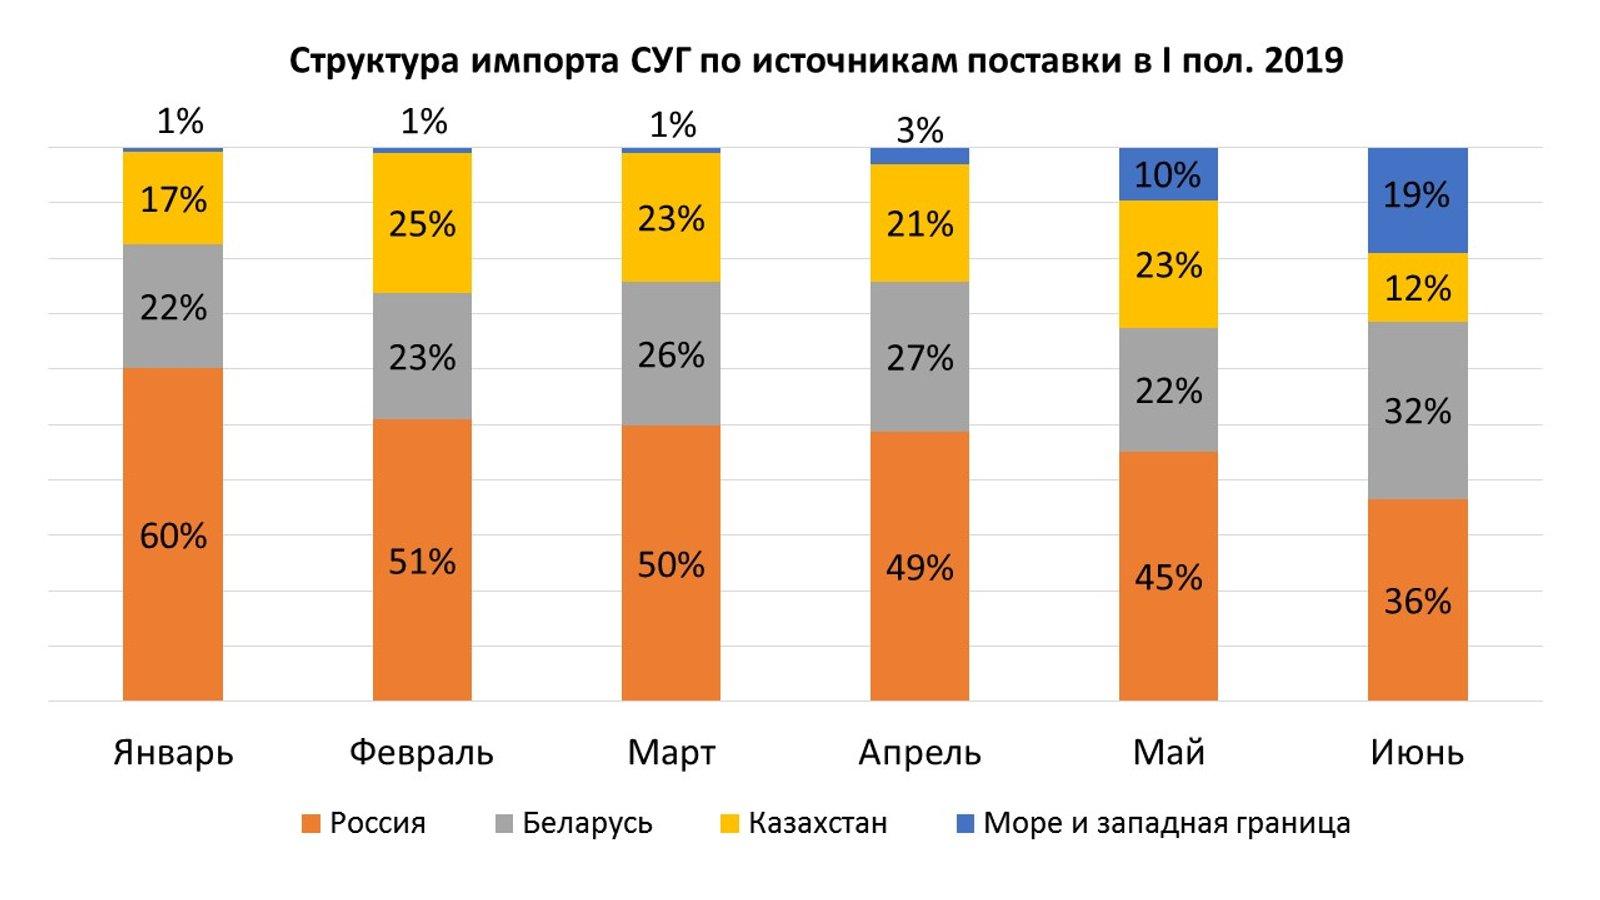 Звідки завозять автогаз в Україну: інфографіка